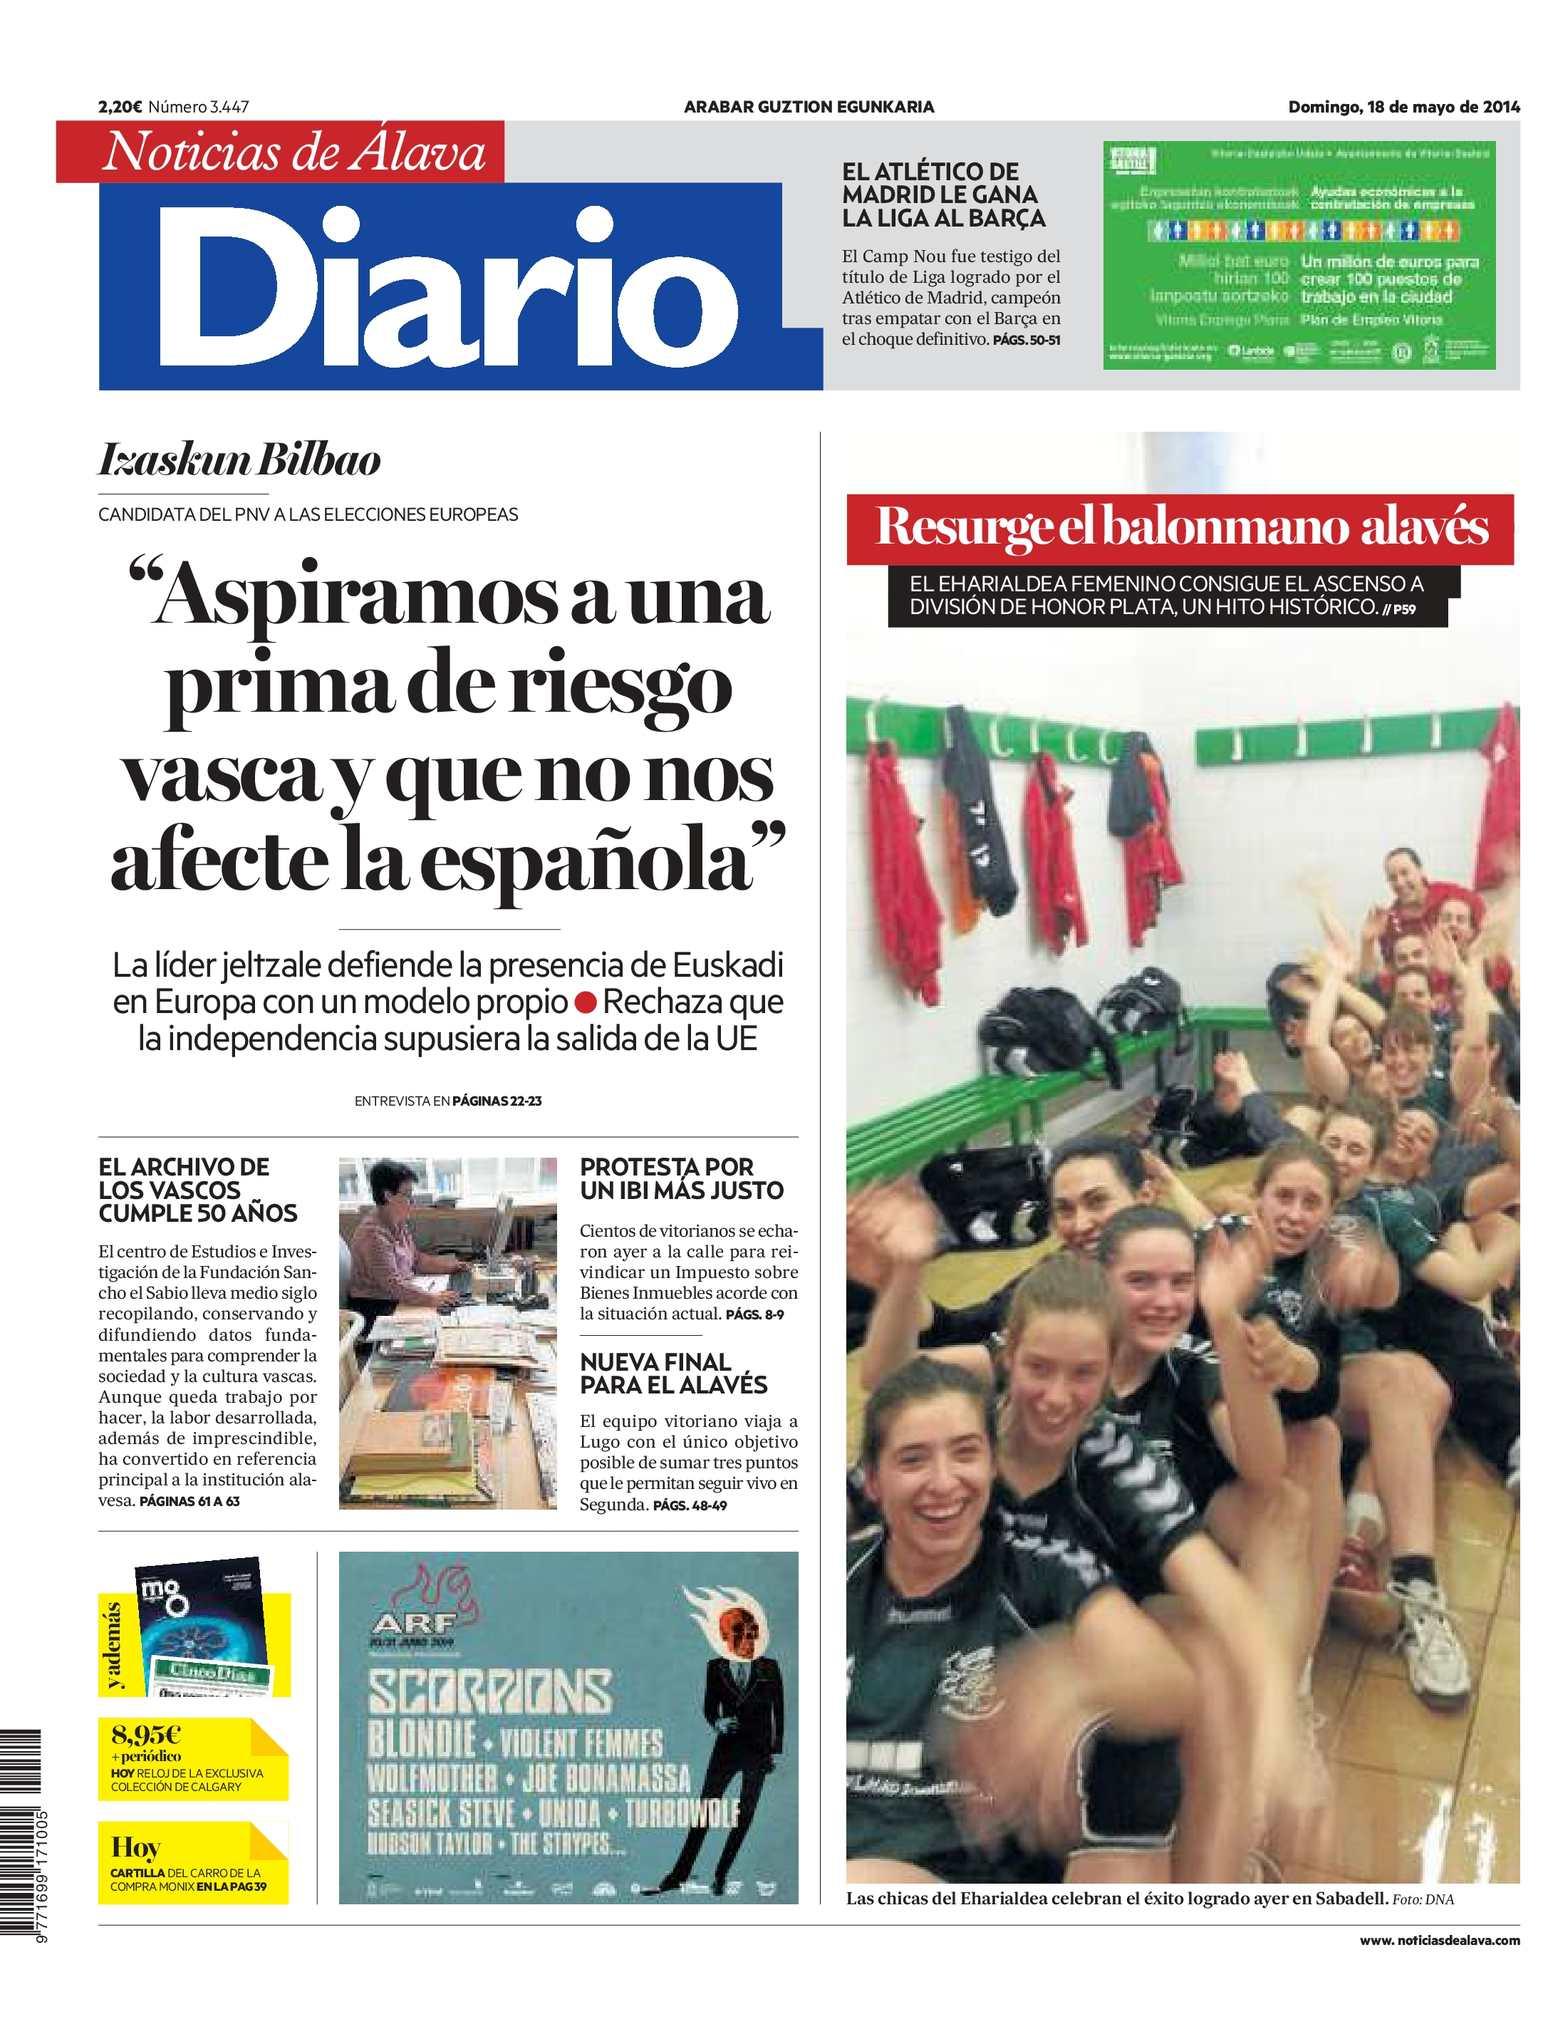 Calaméo - Diario de Noticias de Álava 20140518